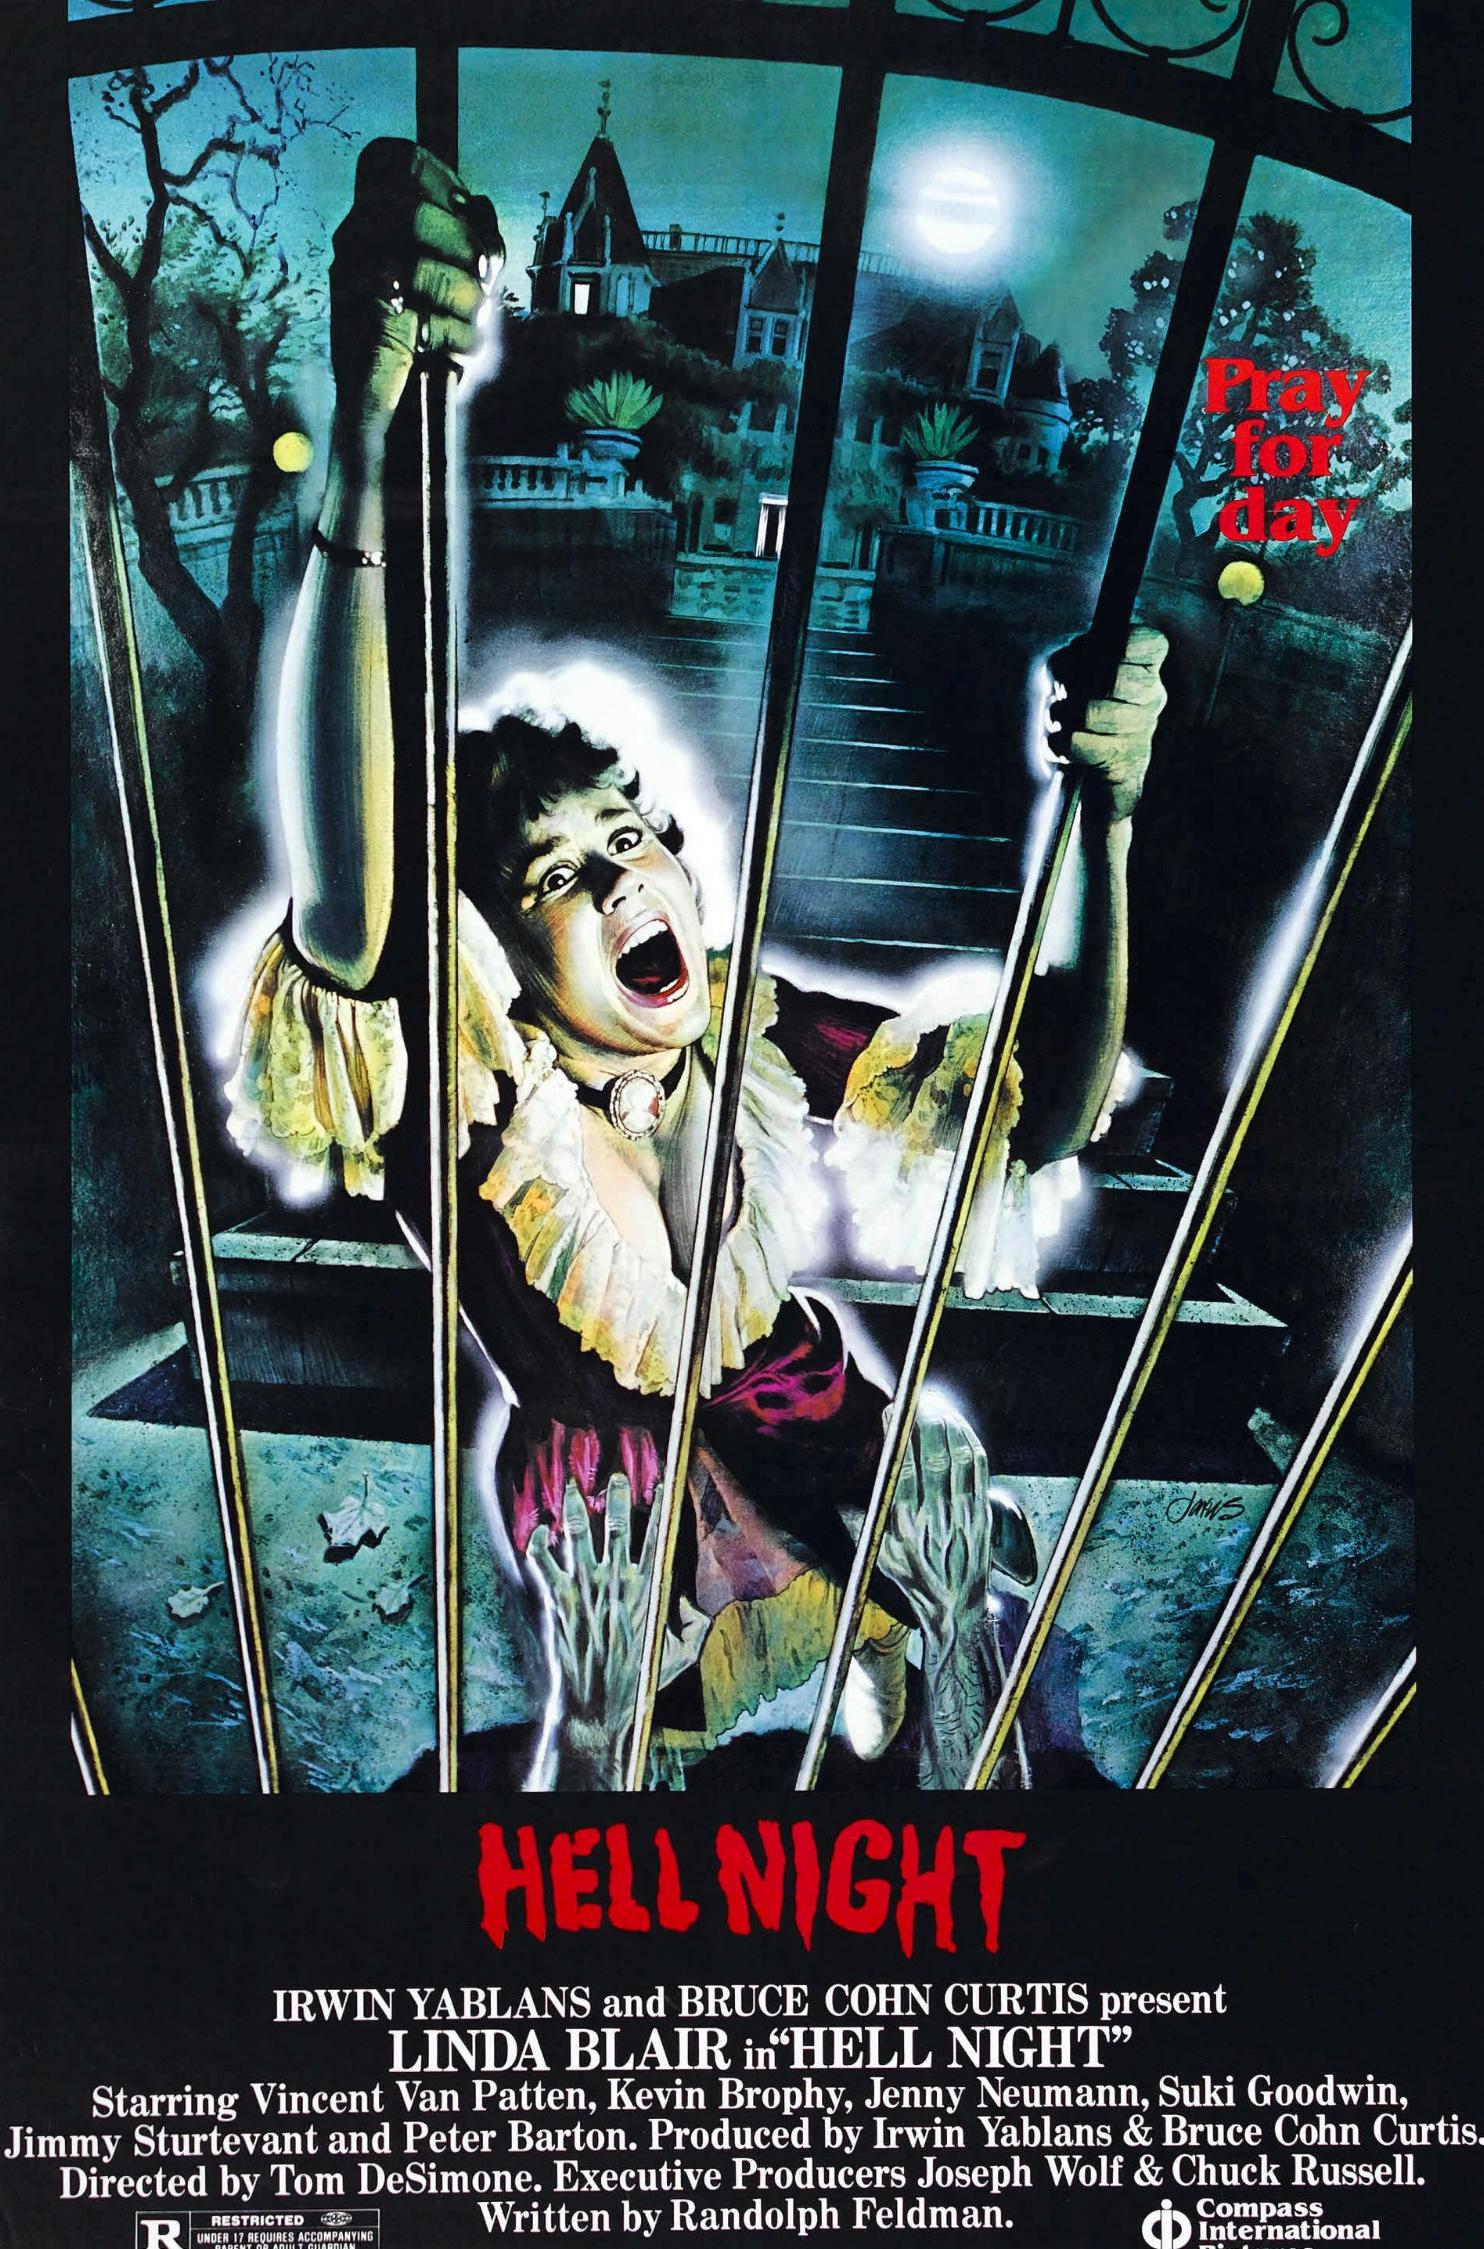 hell_night_poster_01.jpg